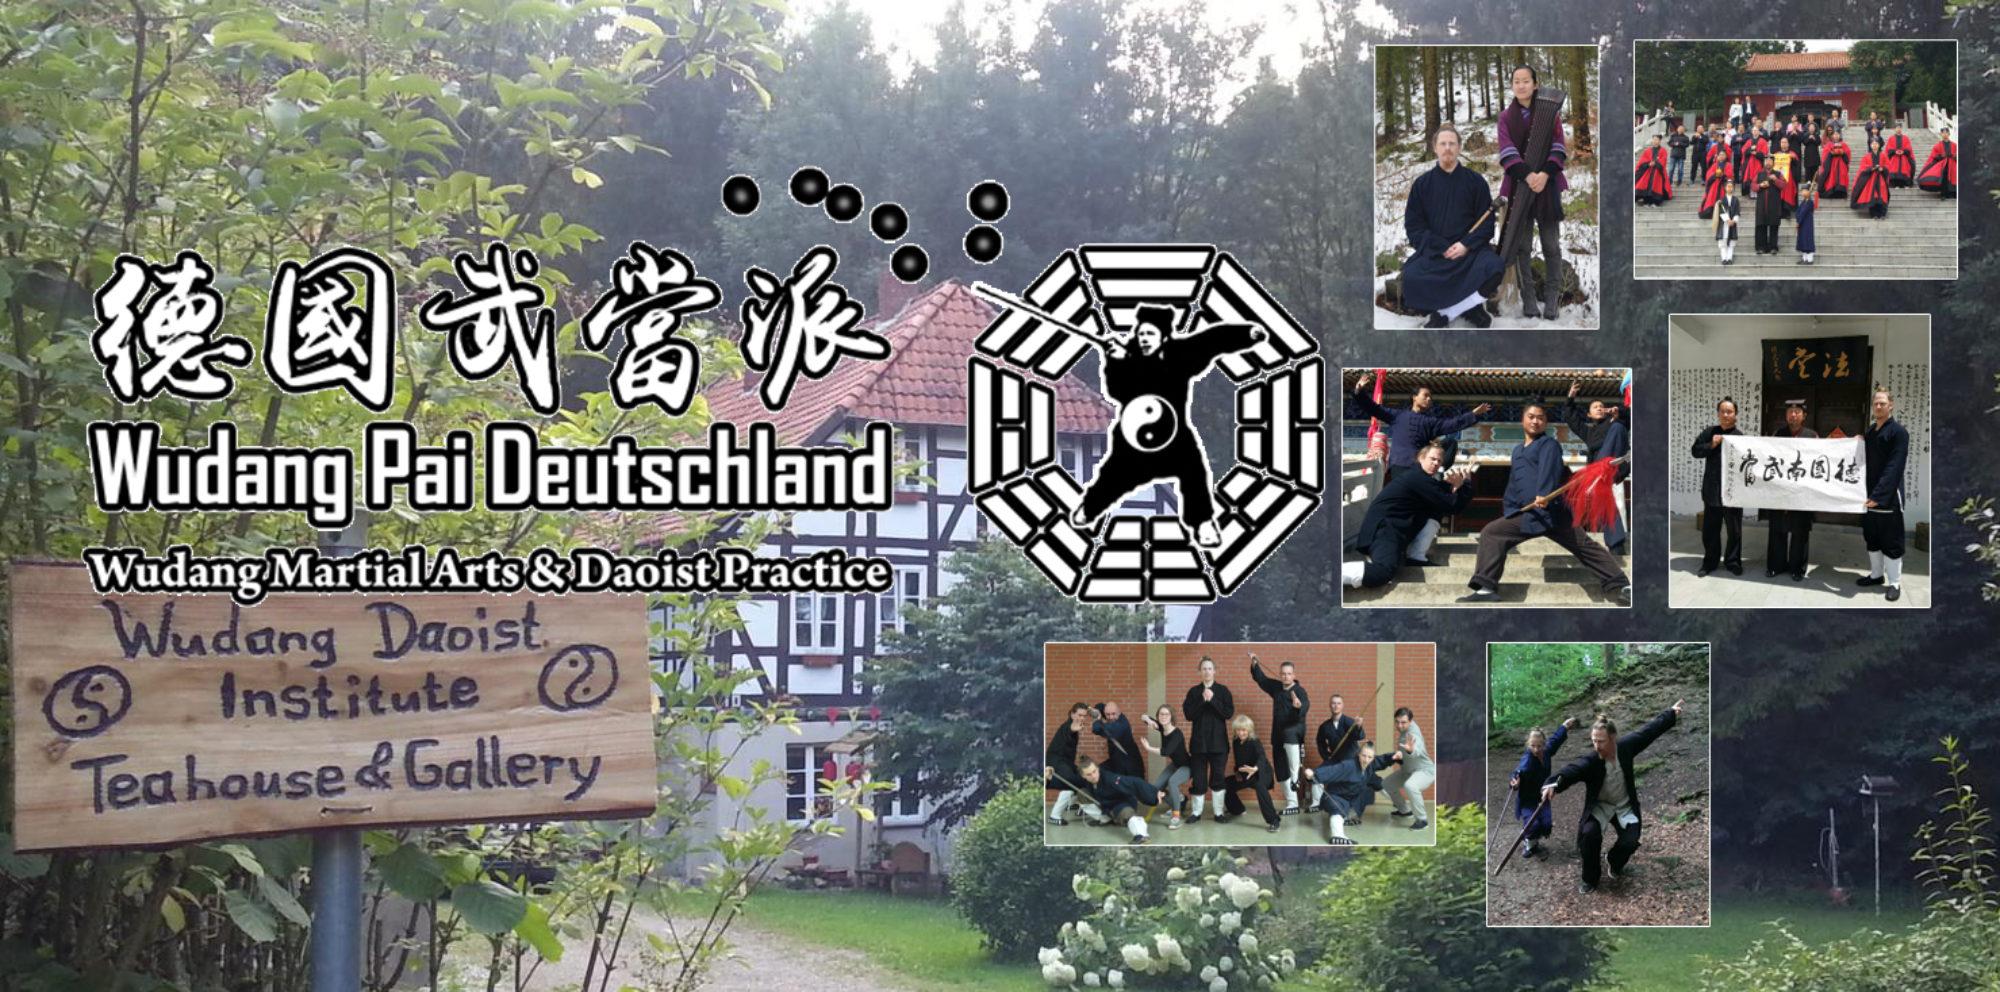 Wudang Pai Deutschland